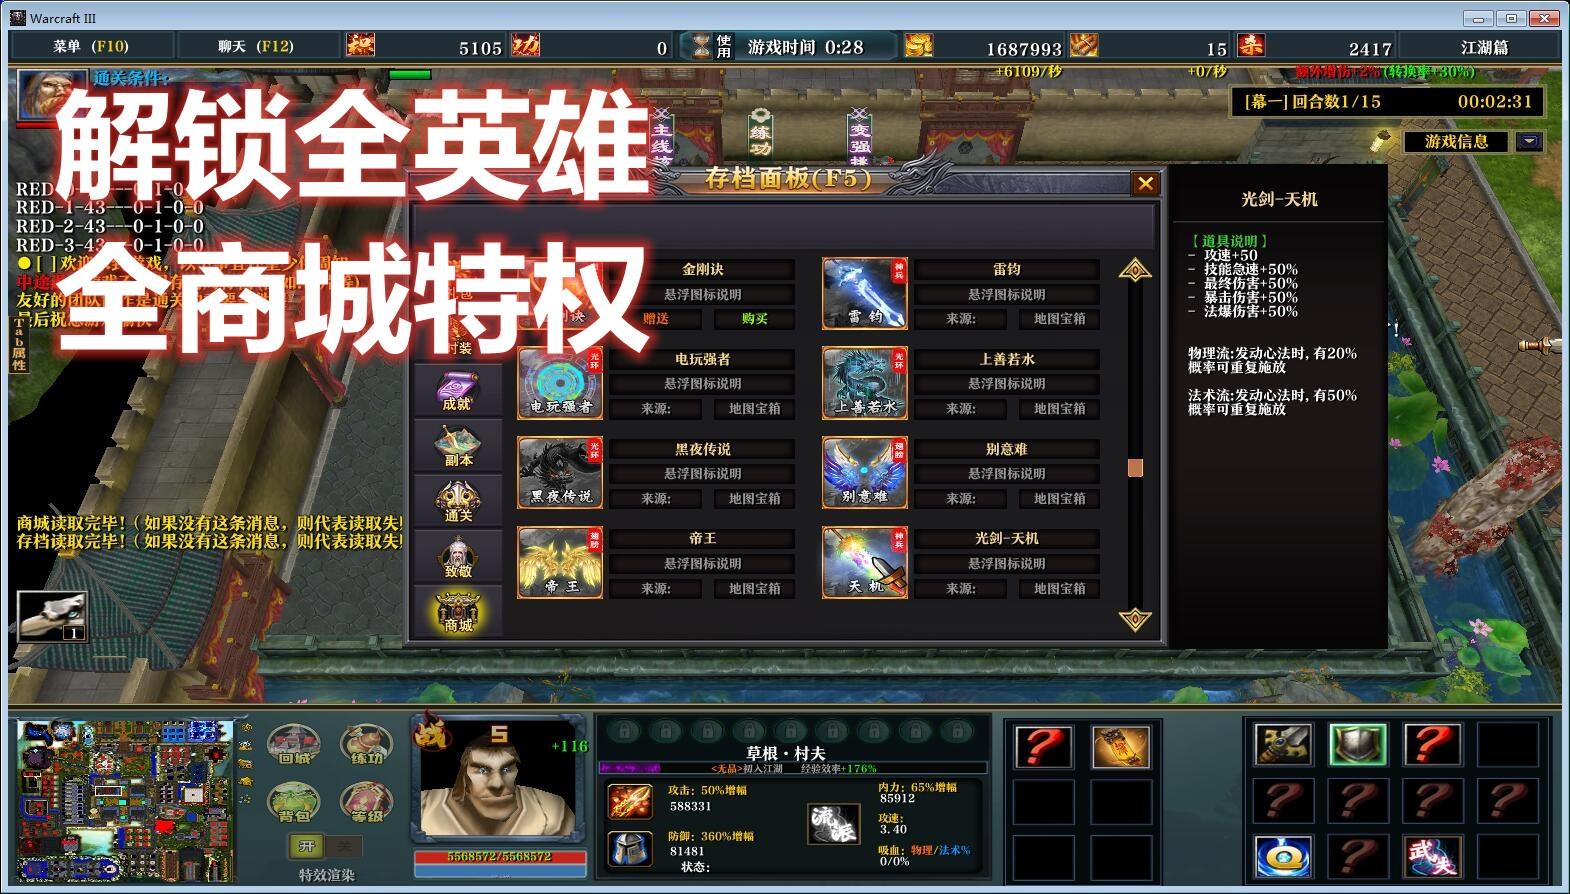 嘿_江湖1.4.7破解版 解锁全英雄+全商城特权+存档成就宠物+时装副本特权+地图等级99